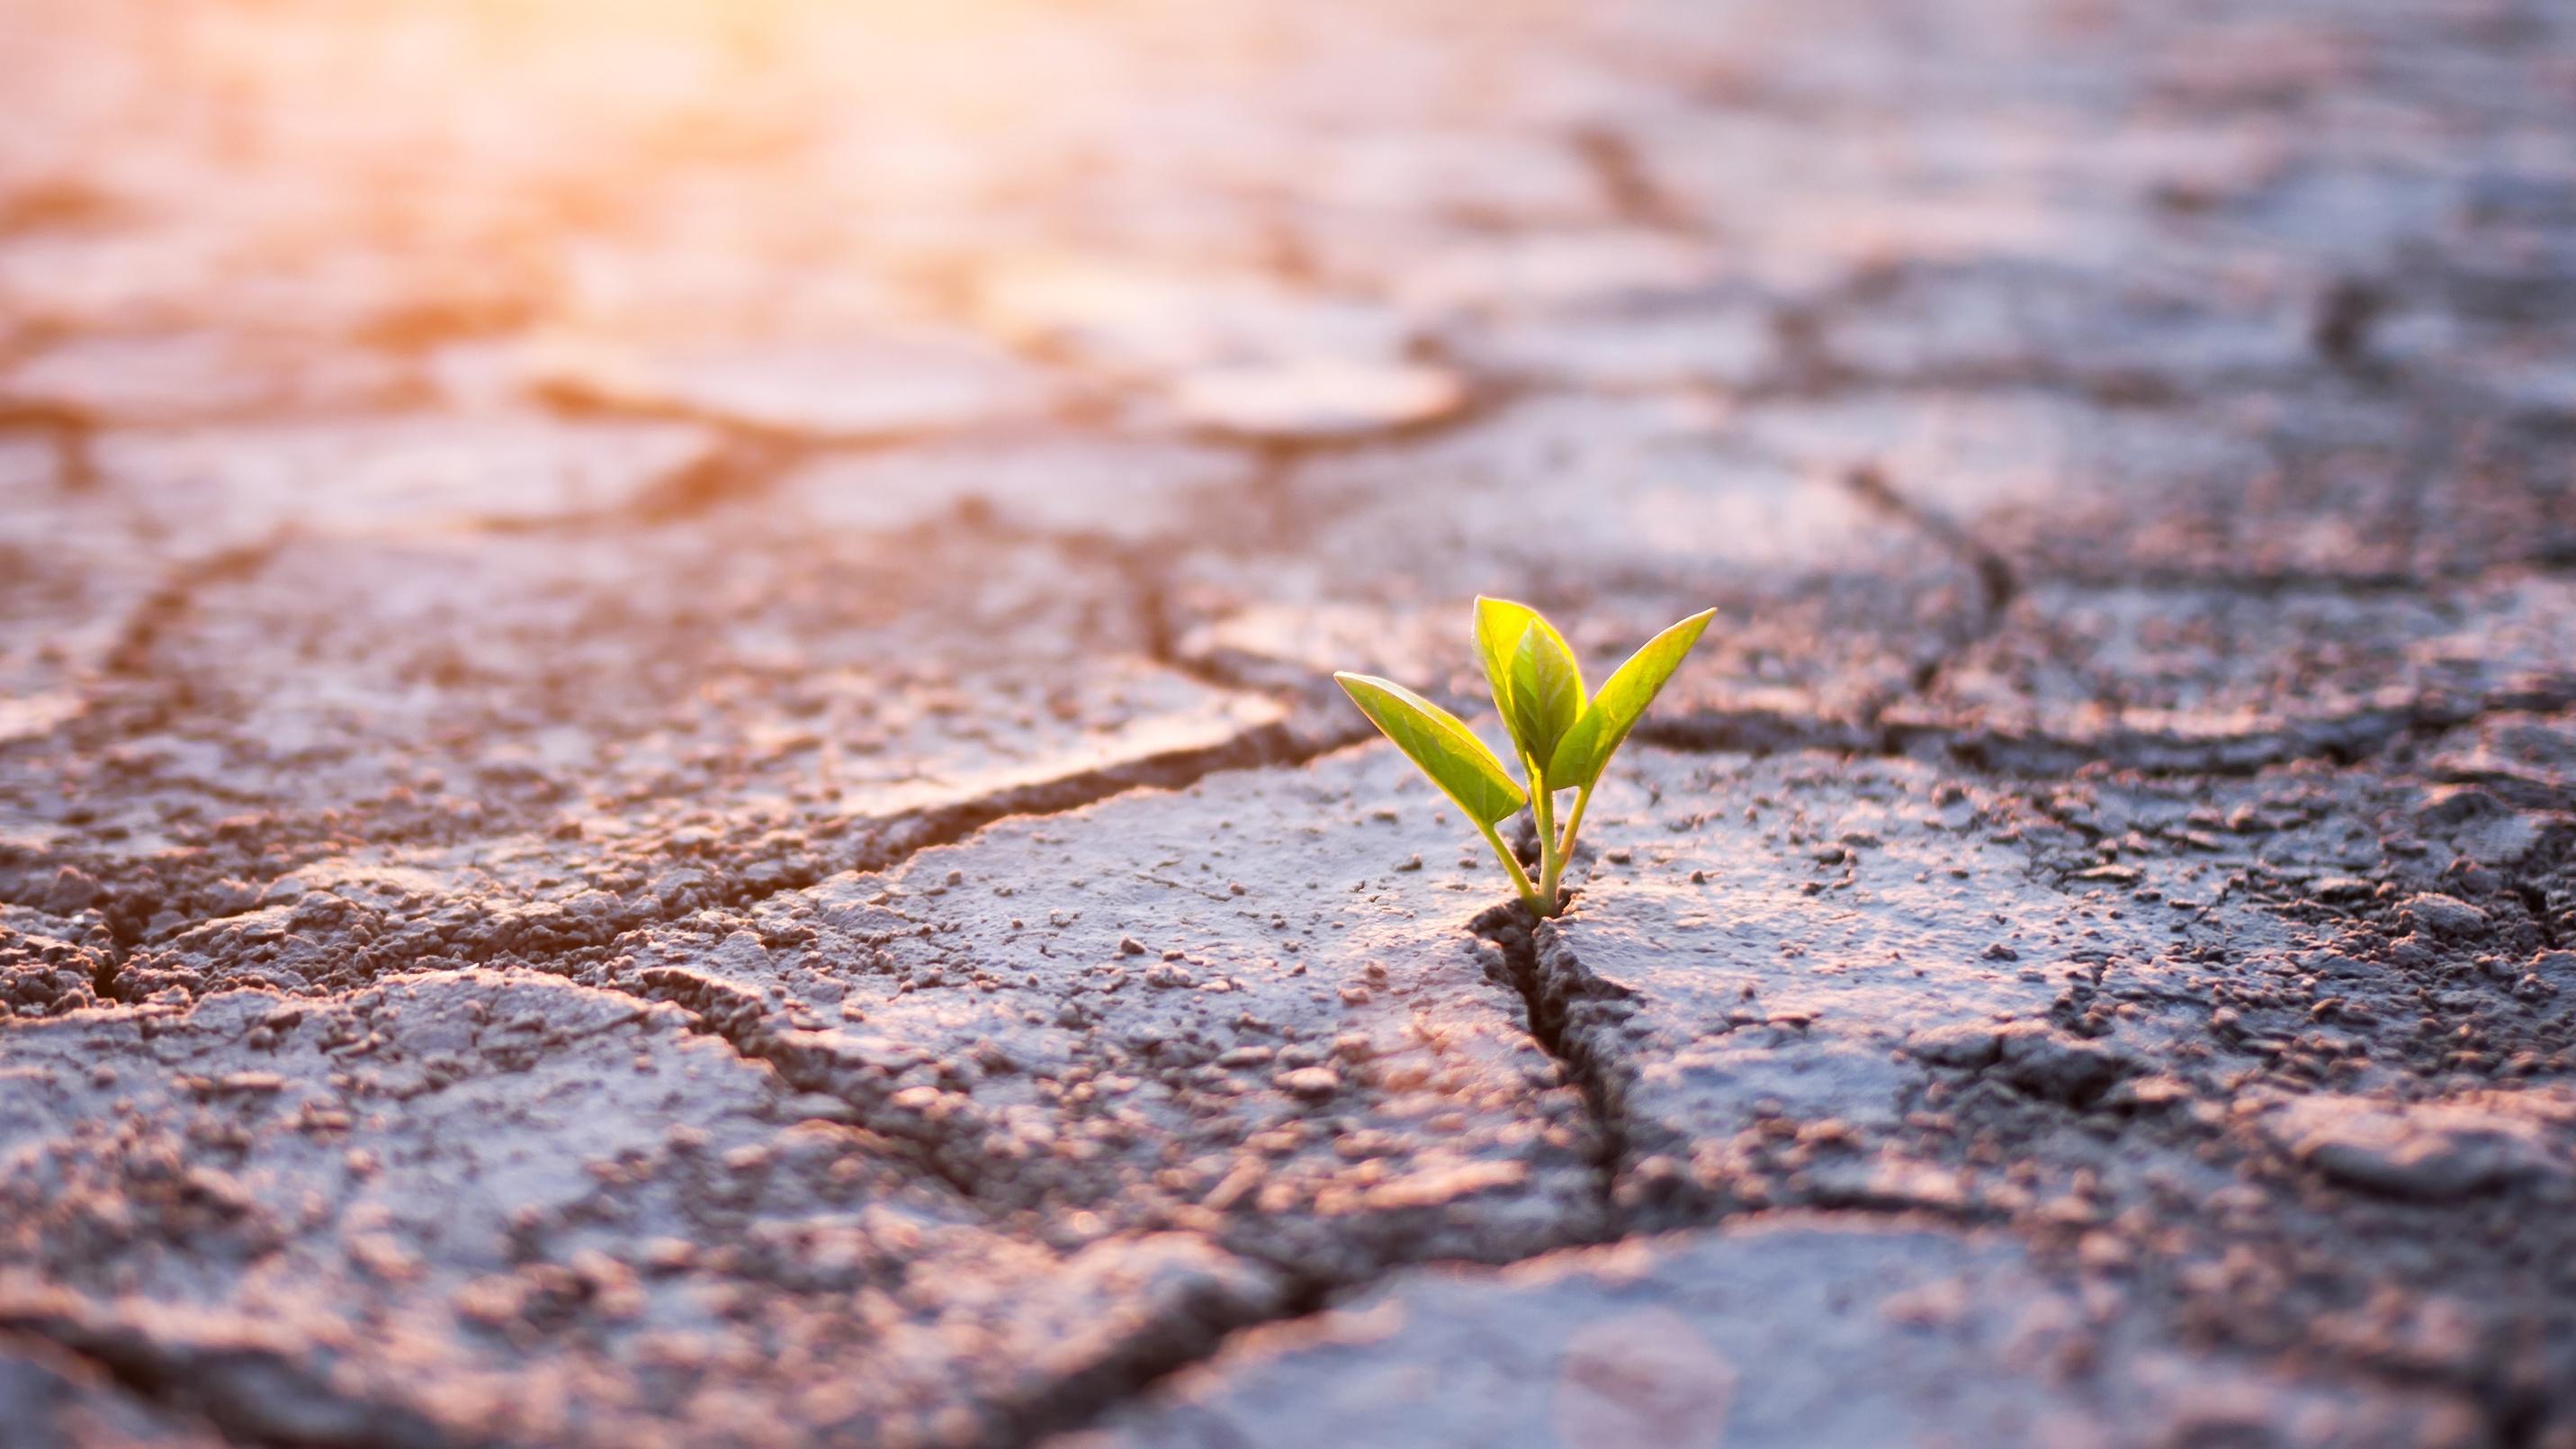 Grünpflanze sprießt in der Wüste